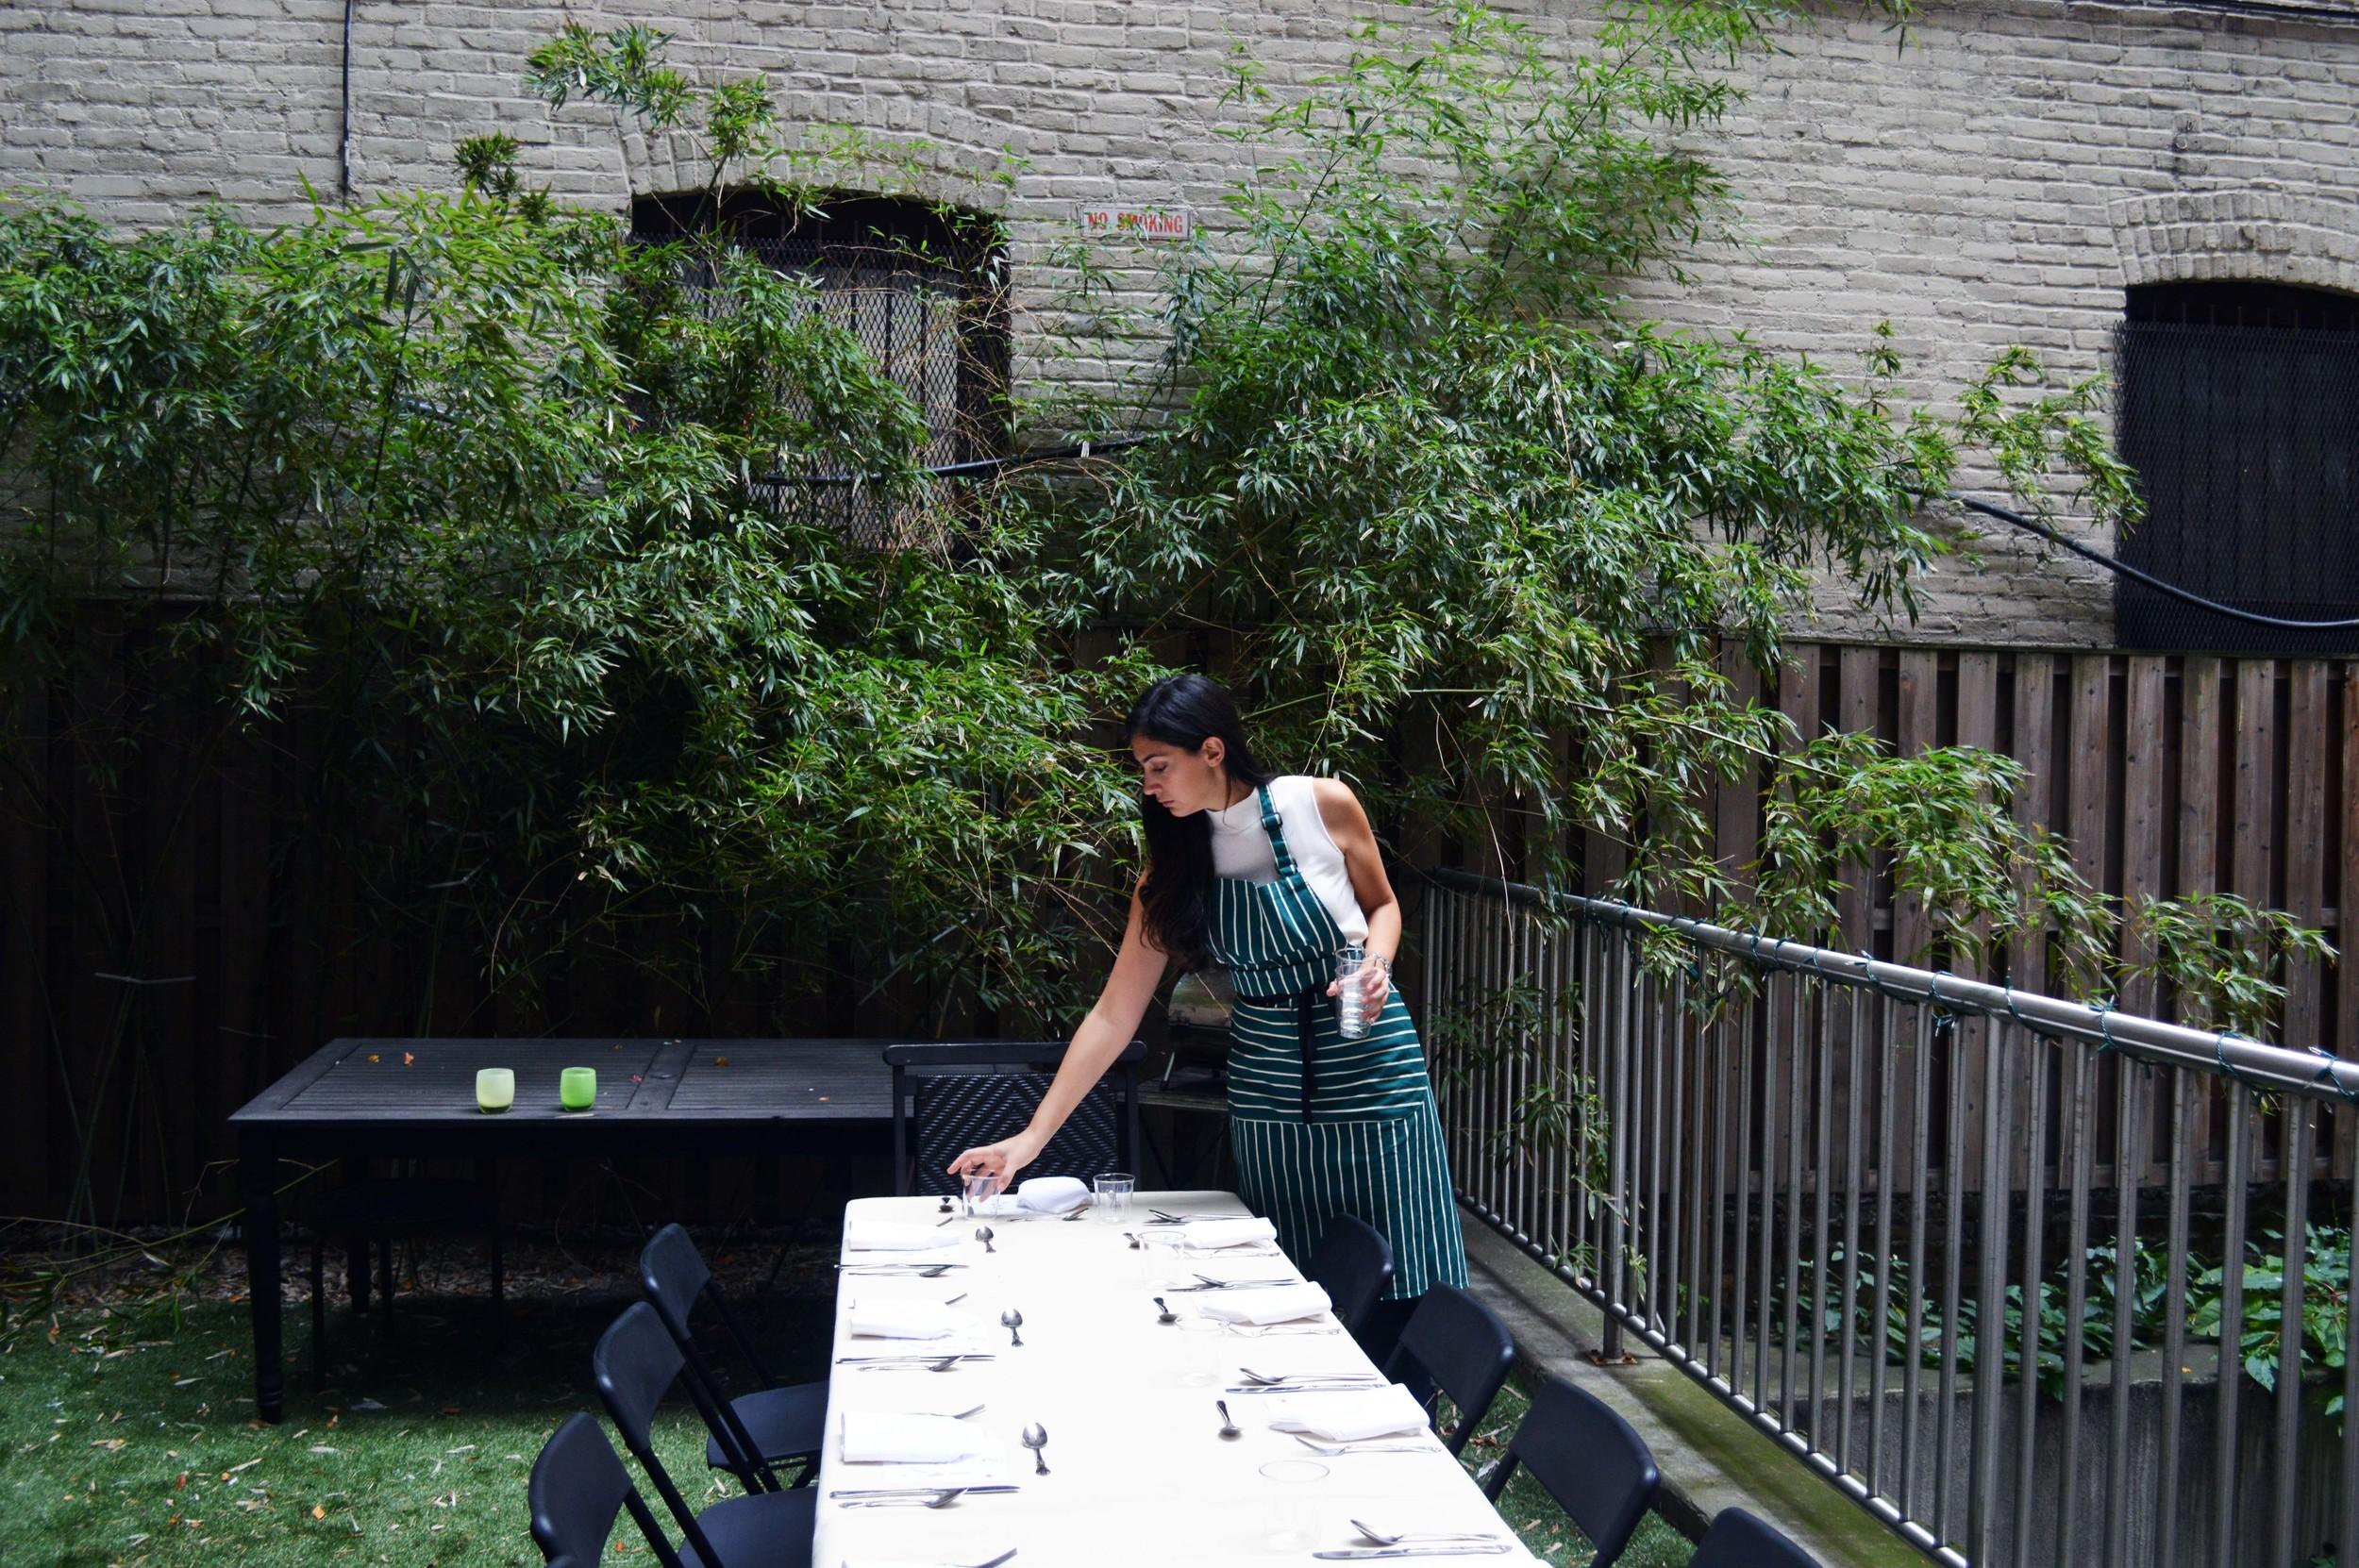 Stephanie Nass prepares for the event.